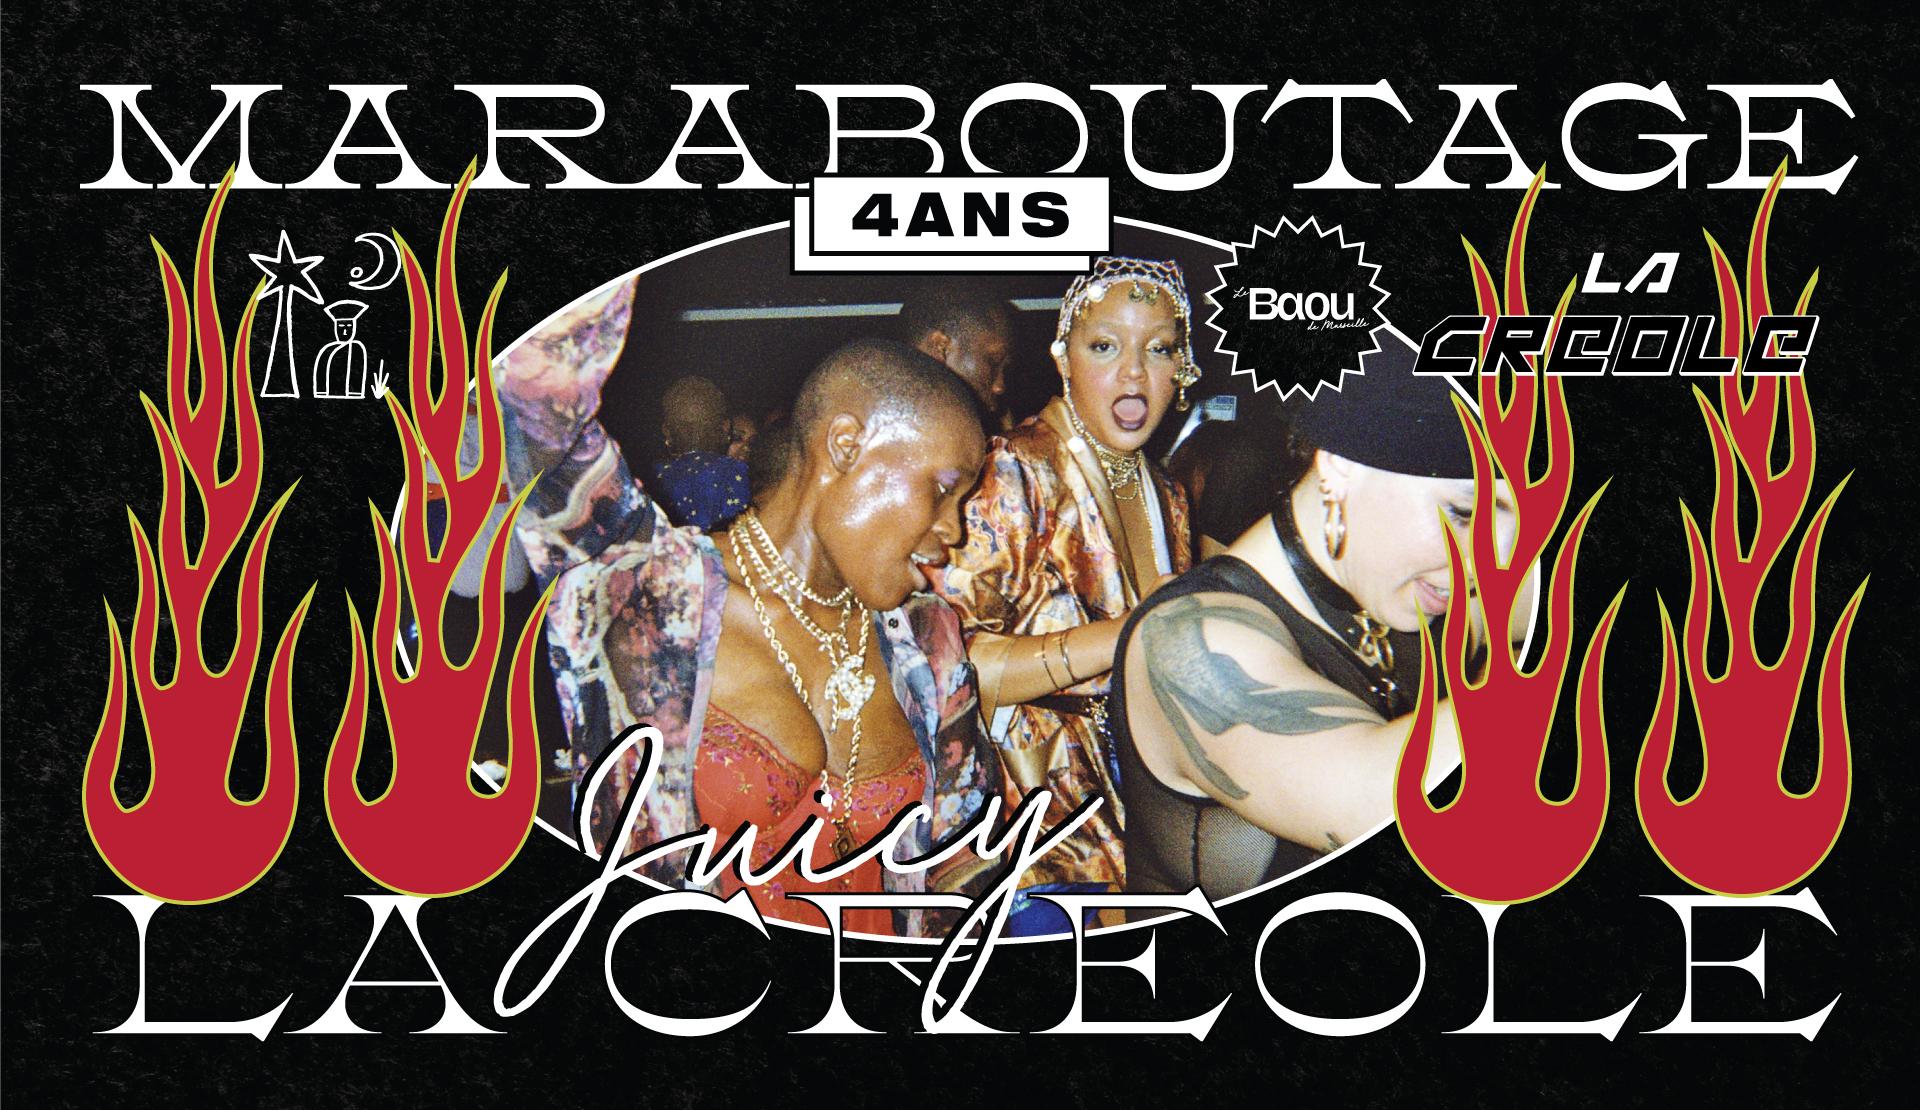 Baou : Maraboutage 4ans w/ la Creole